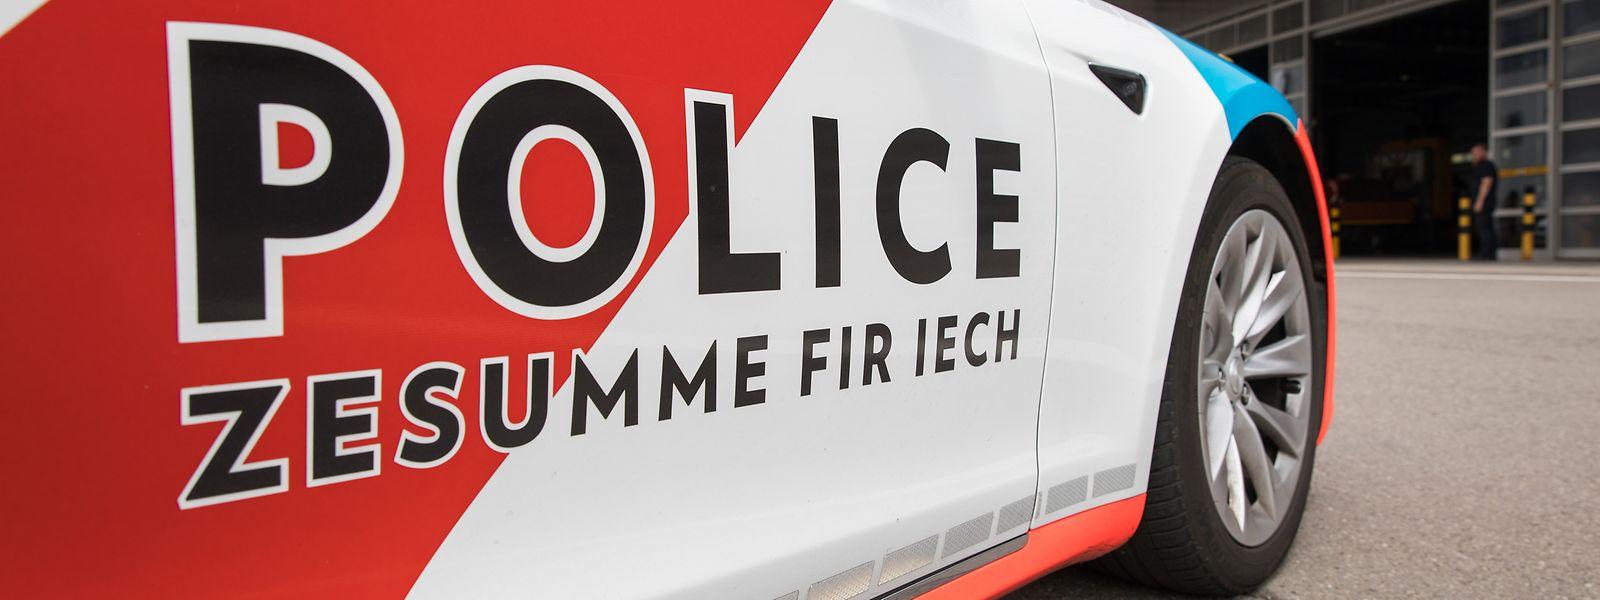 Dreimal musste die Polizei in den vergangenen Tagen ausrücken, weil Autos aus Hauseinfahrten gestohlen wurden.